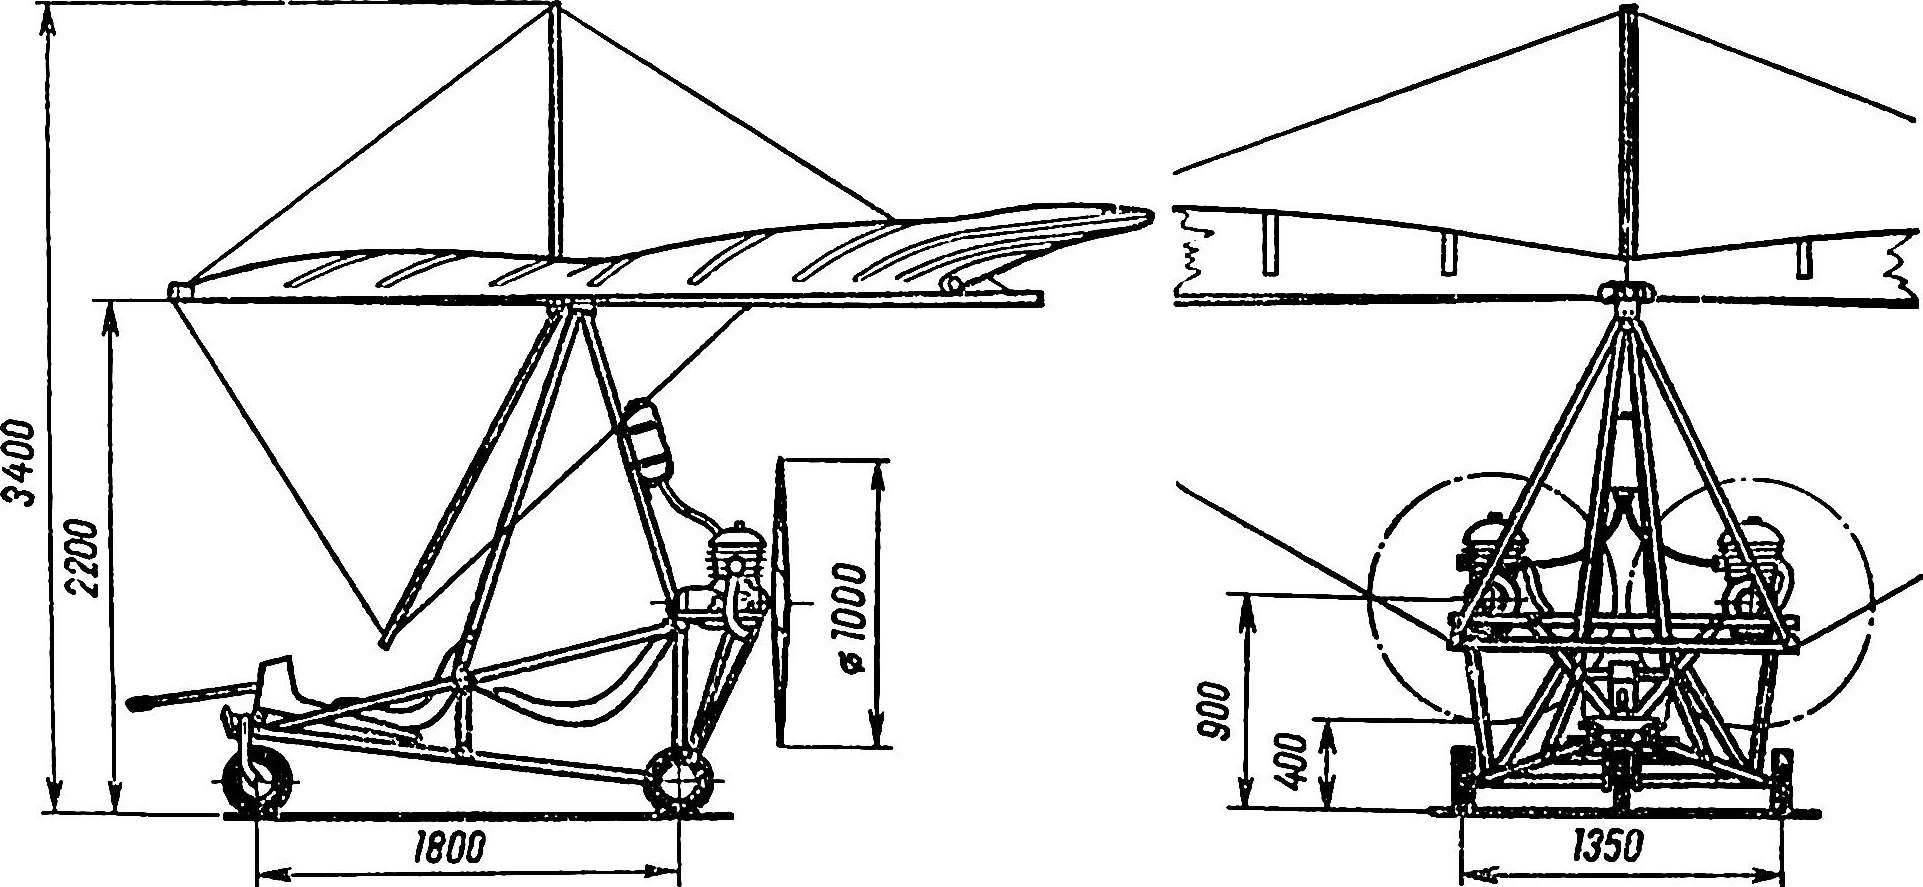 Рис. 6. Двухместный экспериментальный мотодельтаплан с ферменной мототележкой «Поиск-03», созданный в СКБ МИИГА.